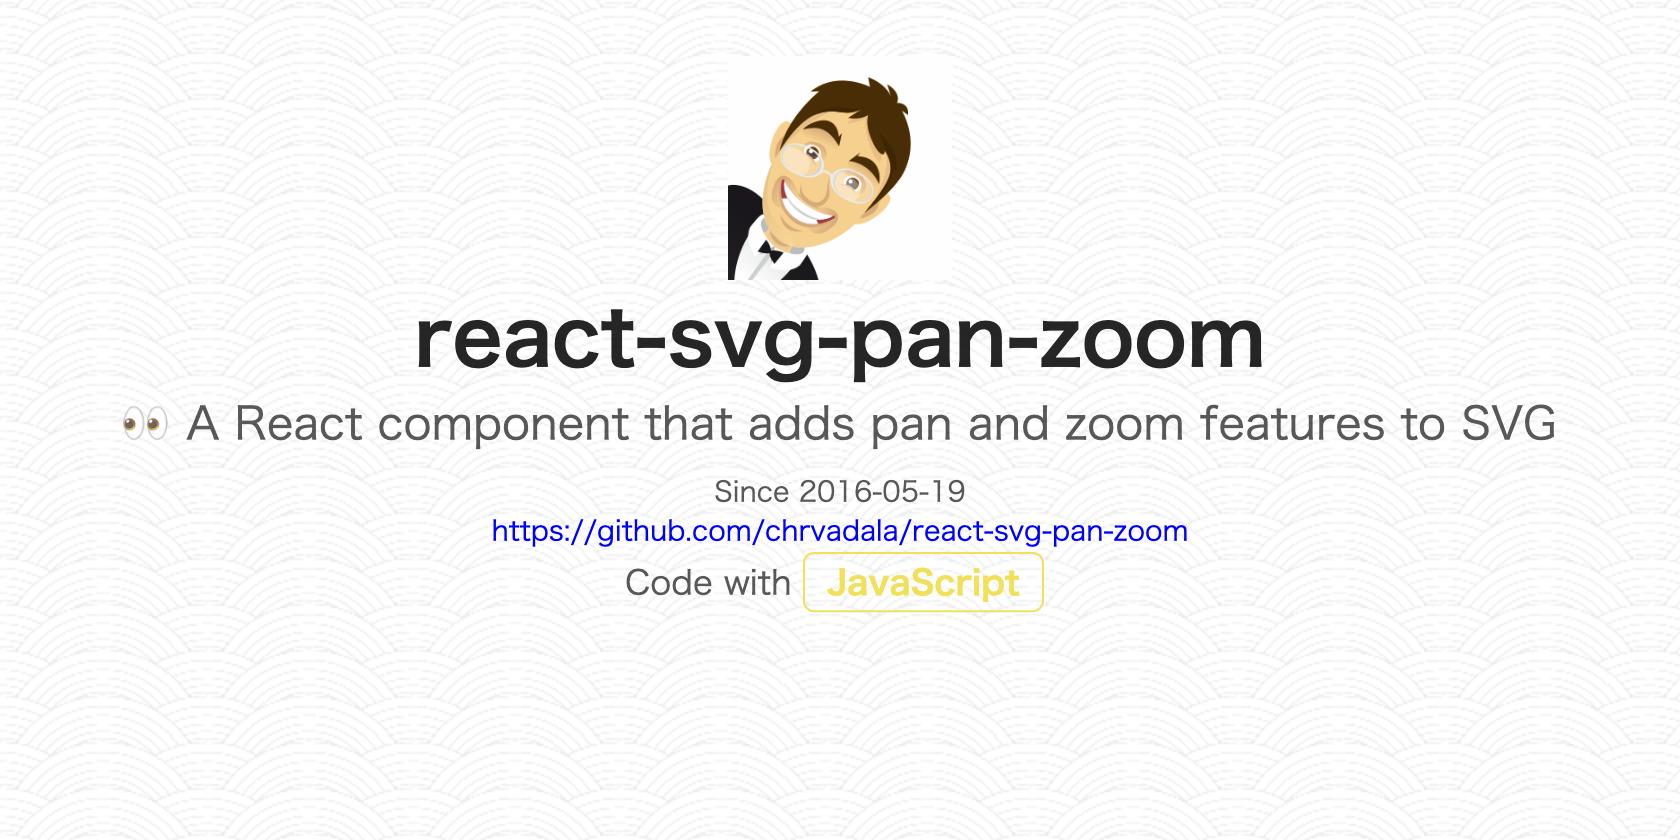 react-svg-pan-zoom